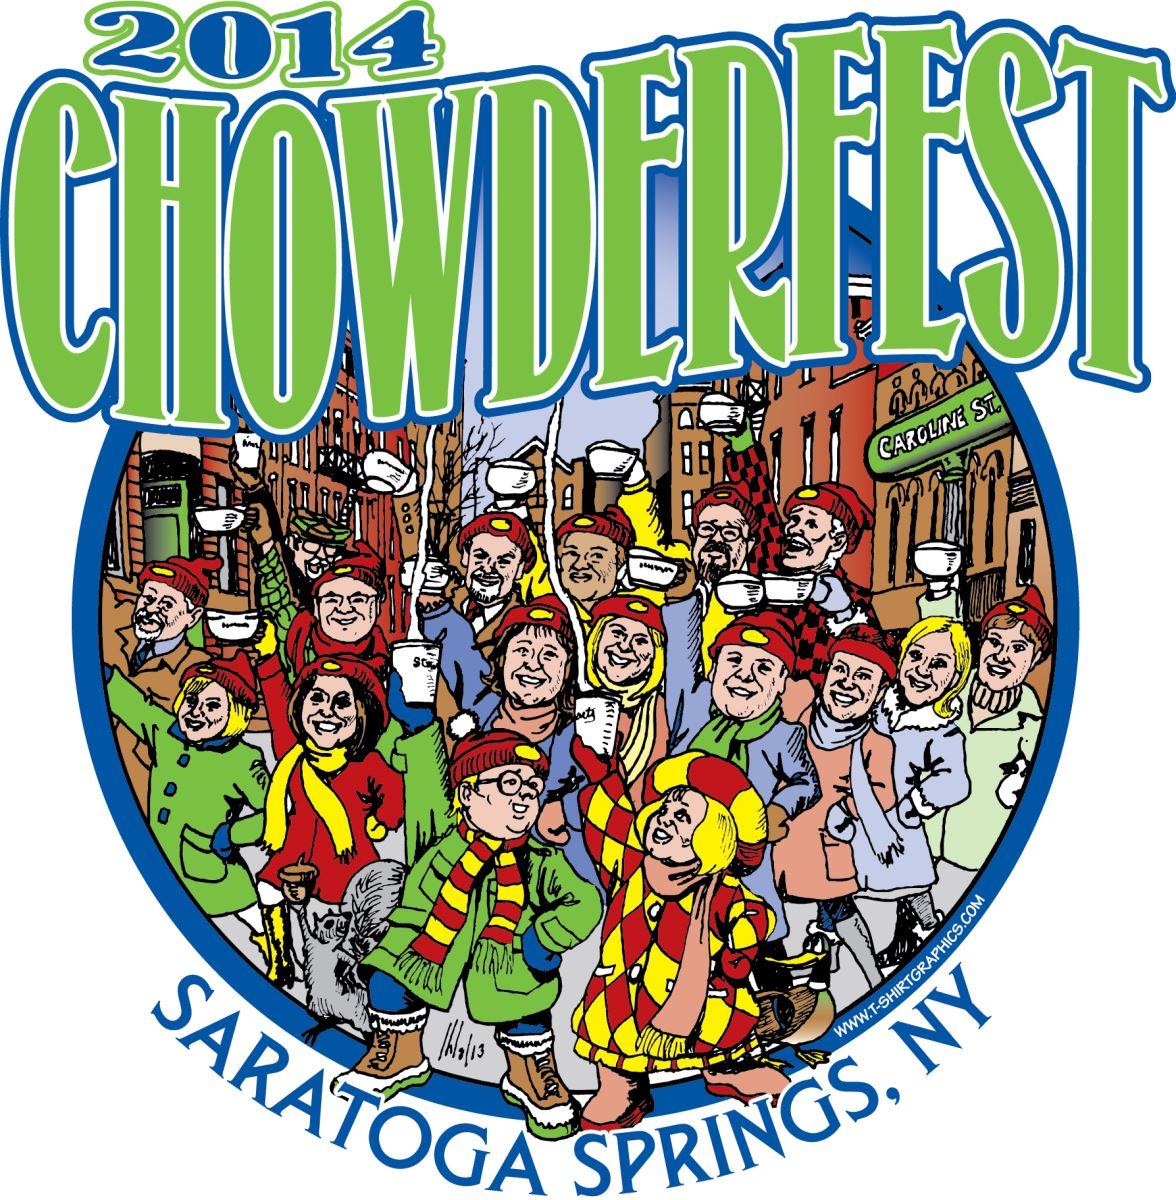 chowderfest-2014.jpg